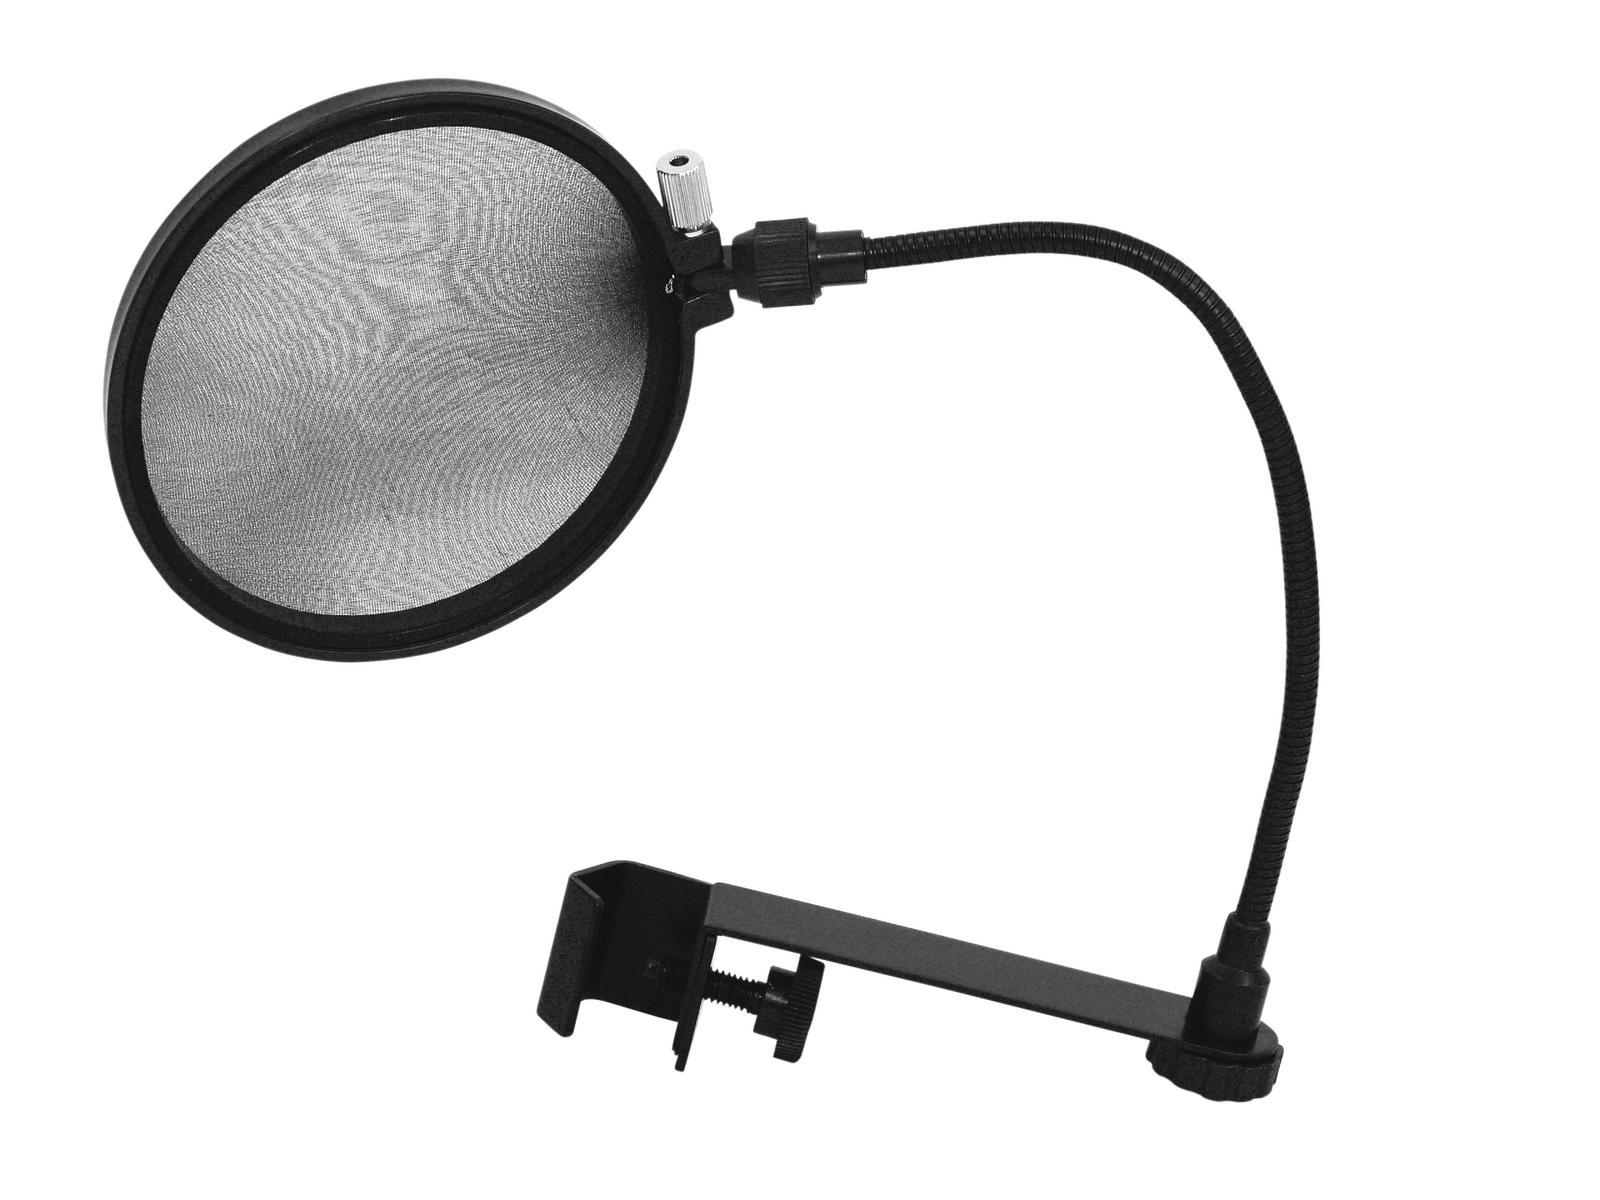 OMNITRONIC filtro antipop a collo d oca per Microfono da studio